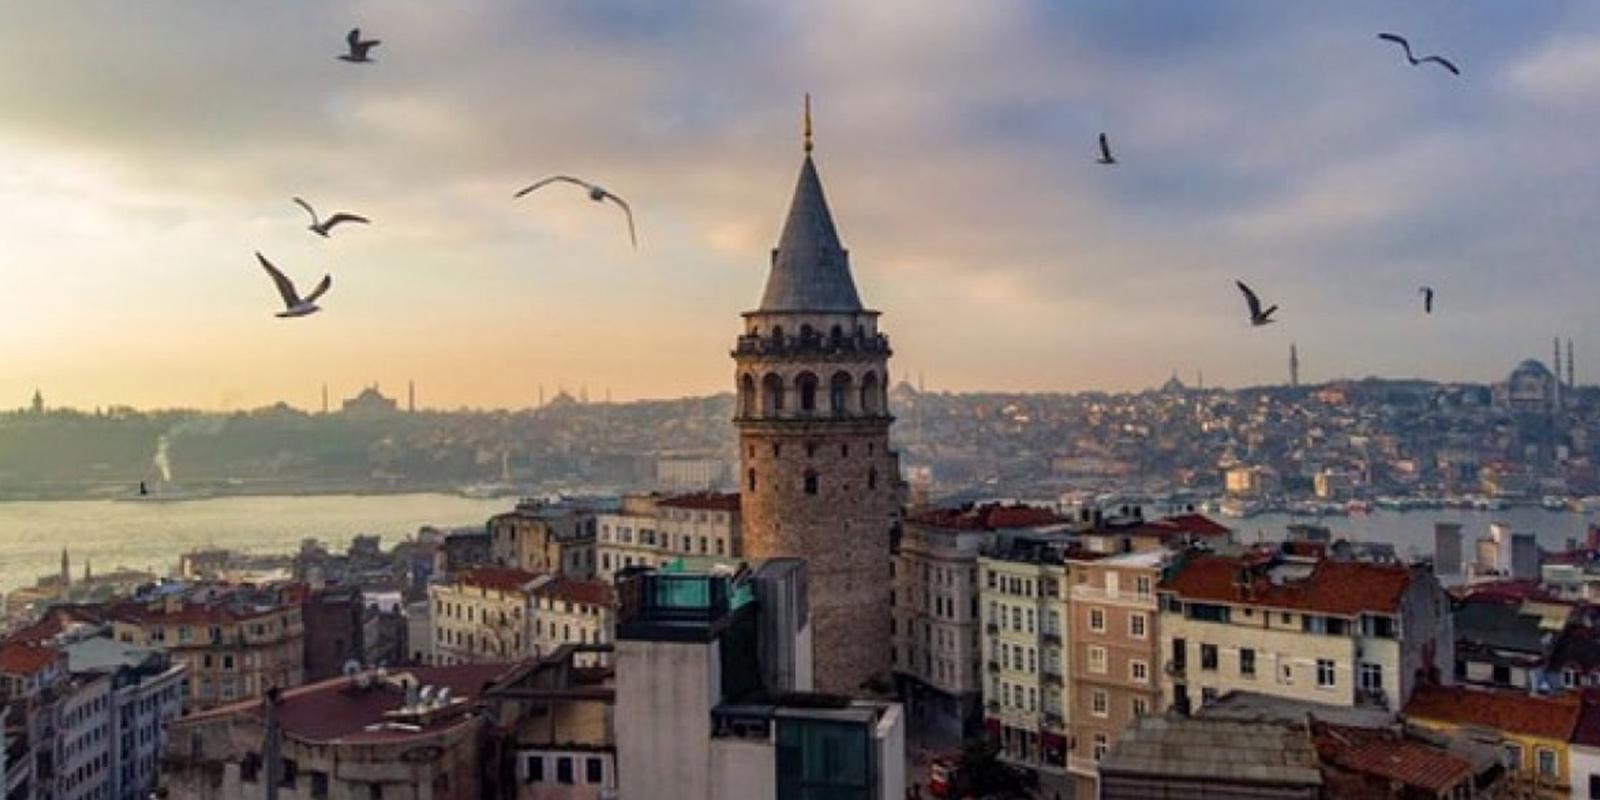 Galata Kulesi ücret ne kadar?   Galata Kulesi giriş ücreti 2021